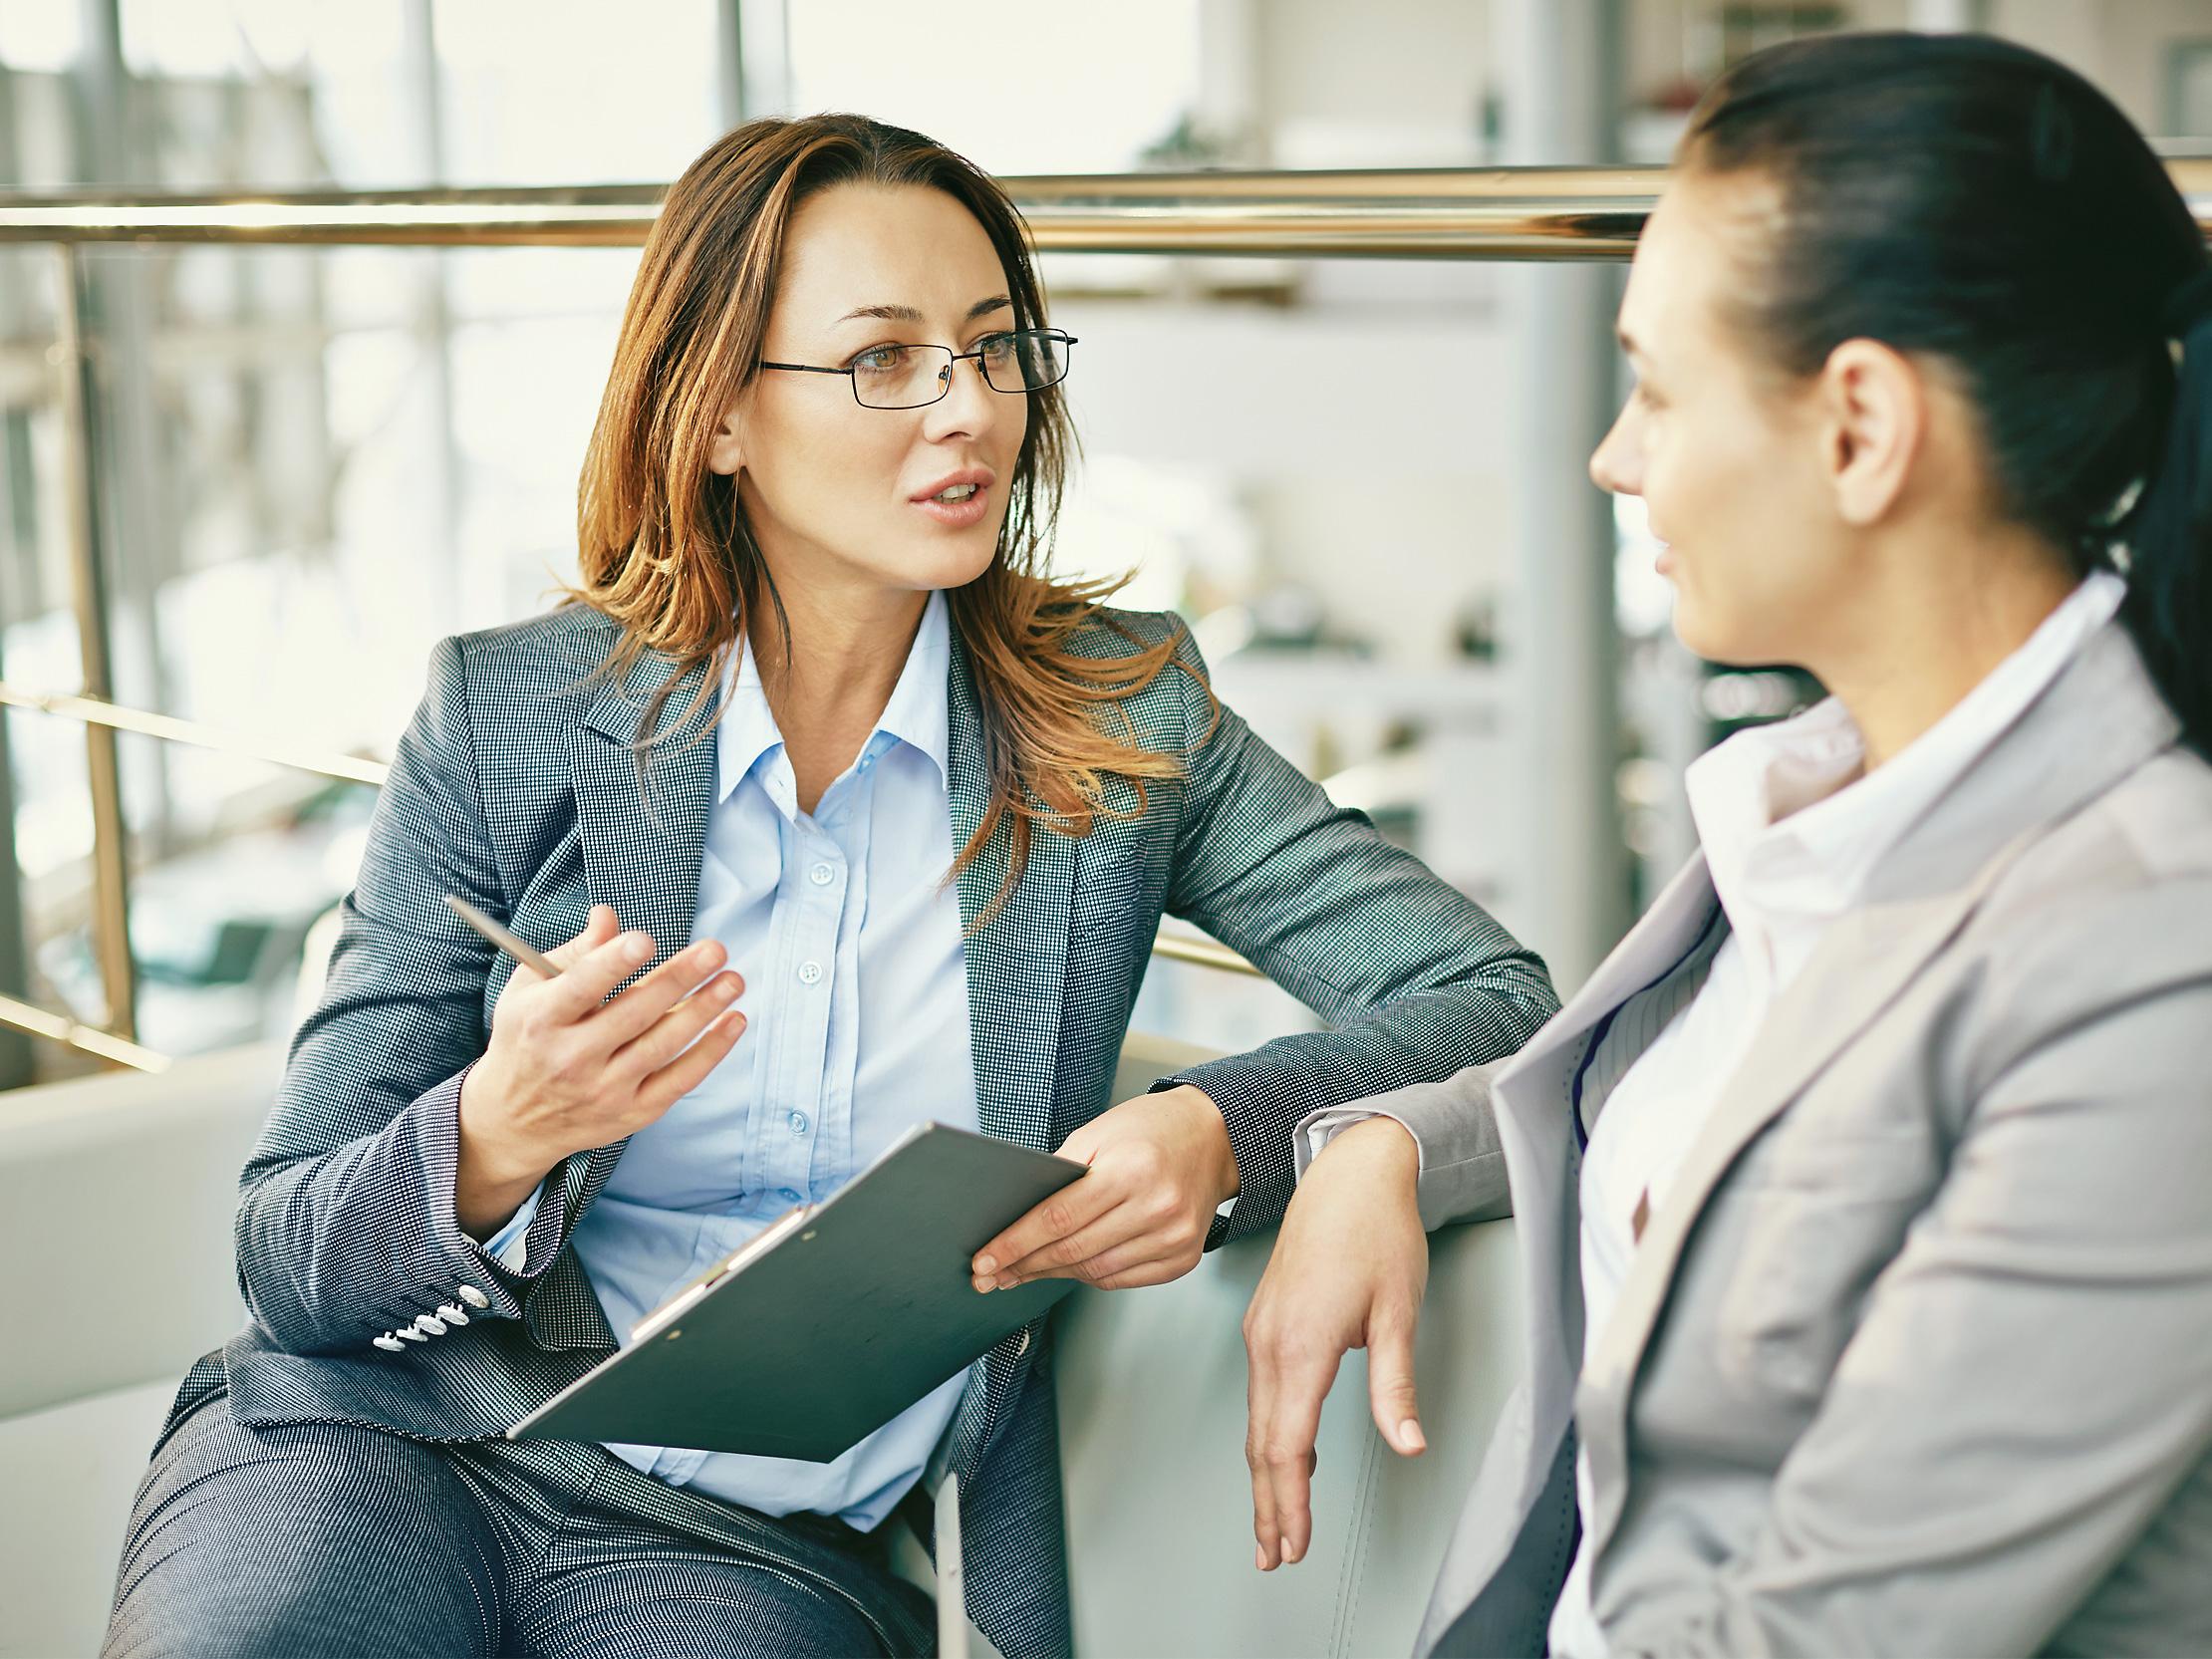 Sådan kommunikerer du bedst, effektivt og troværdigt - hver gang!